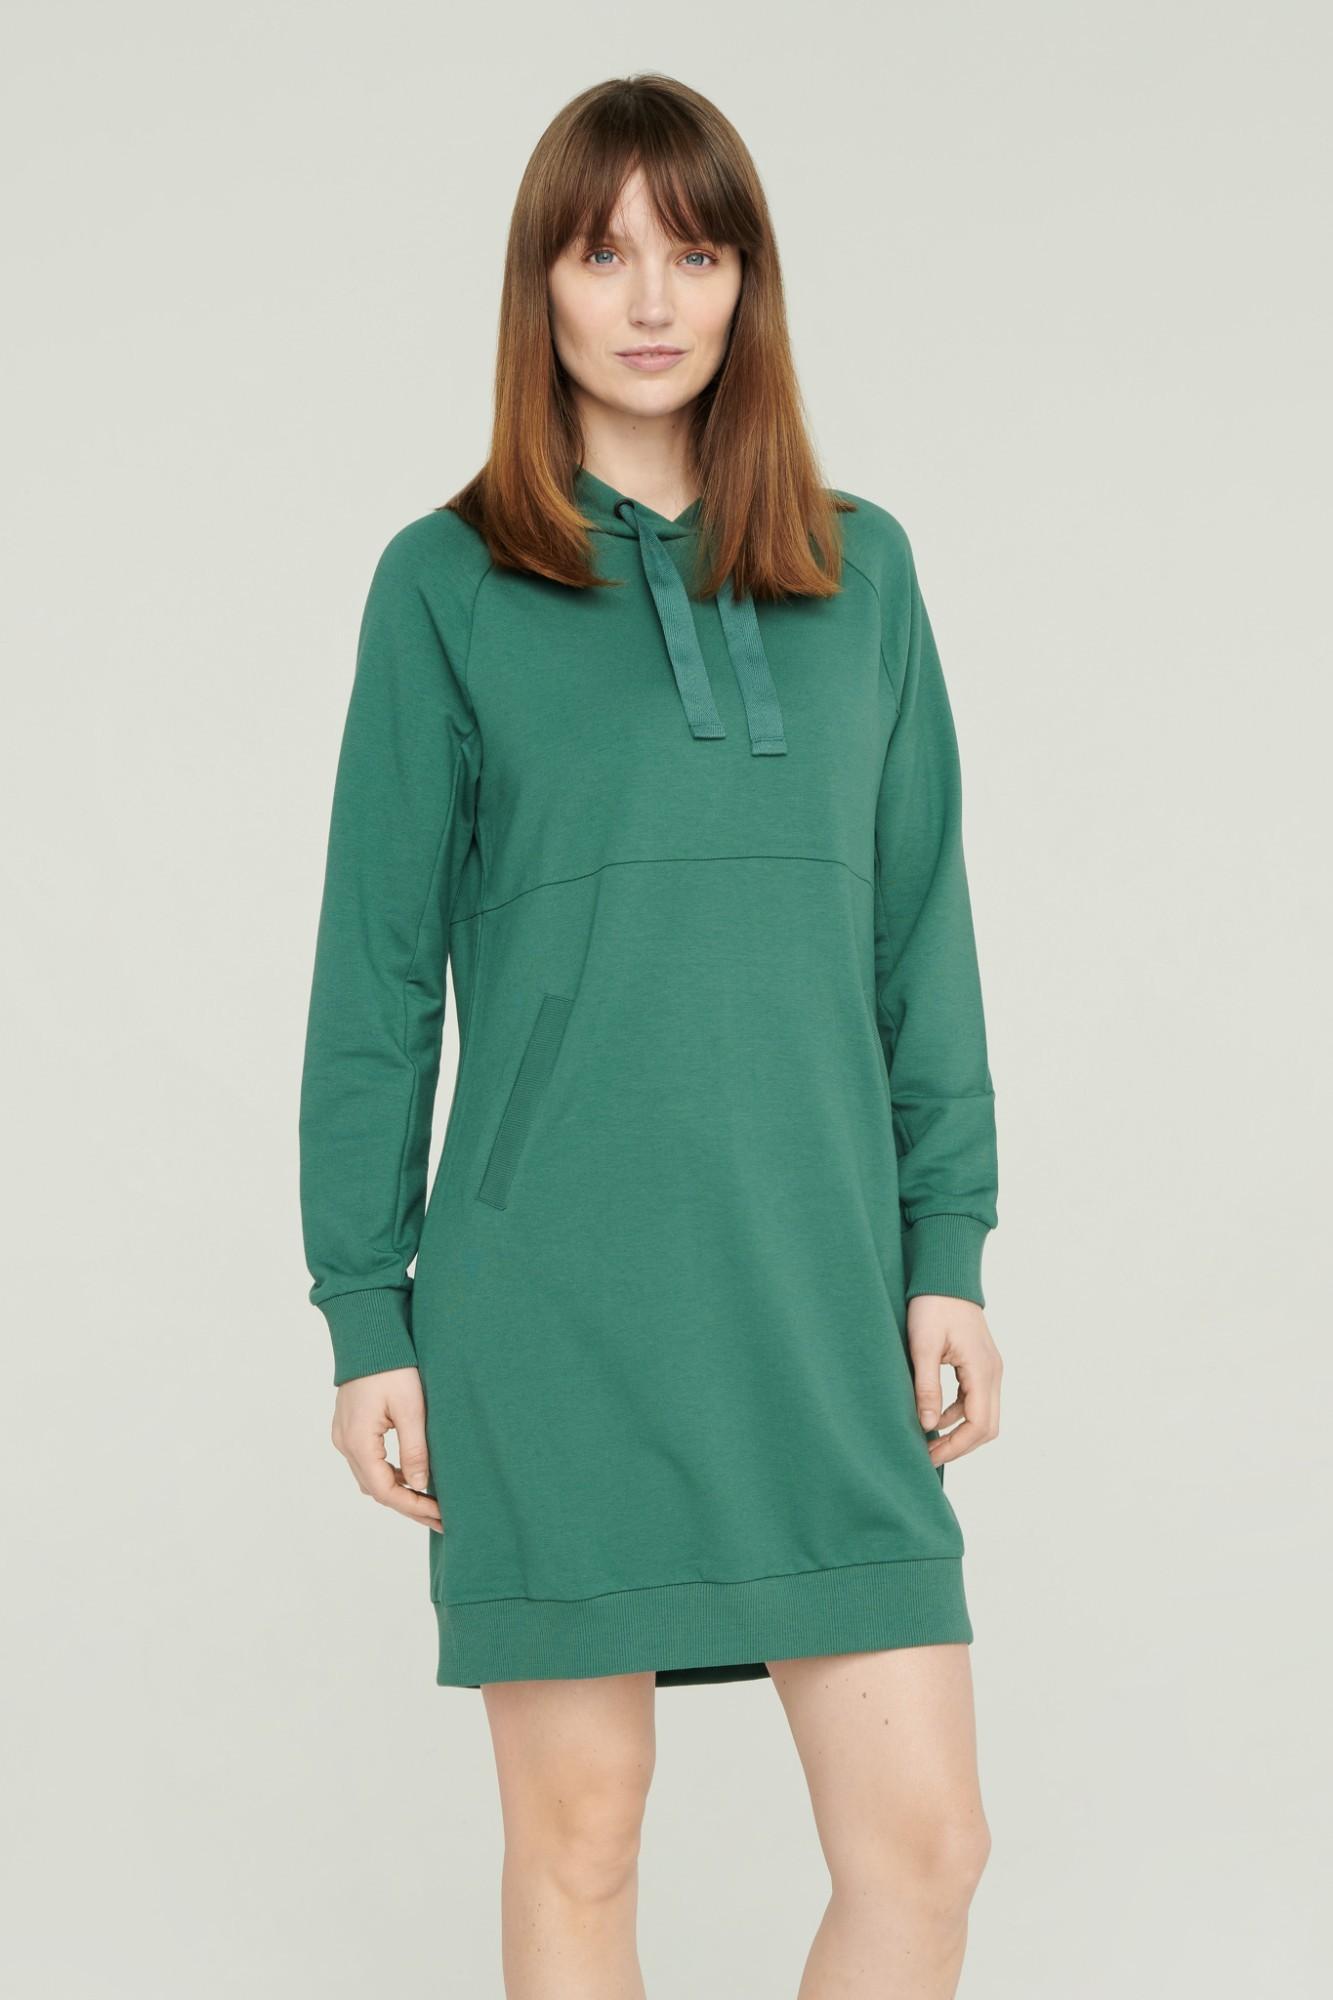 AUDIMAS Švelni modalo suknelė 2111-070 Mallard Green XS